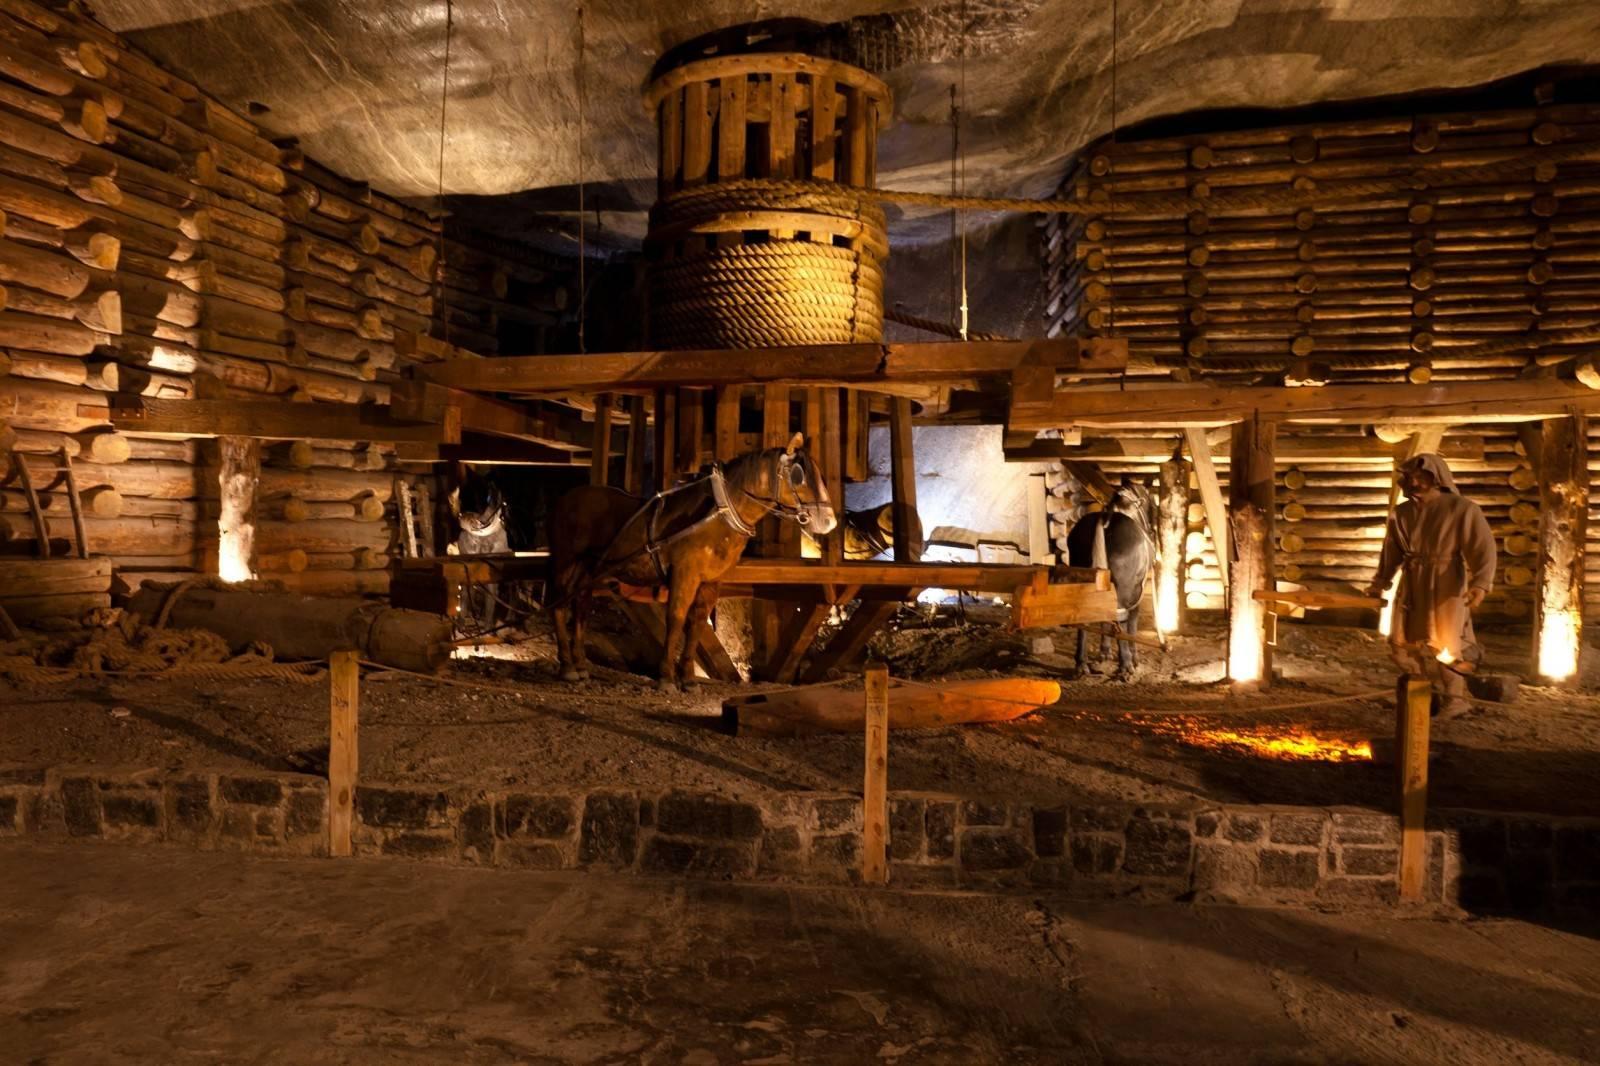 Соляные шахты величка – одна из самых интересных достопримечательностей польшиolgatravel.com